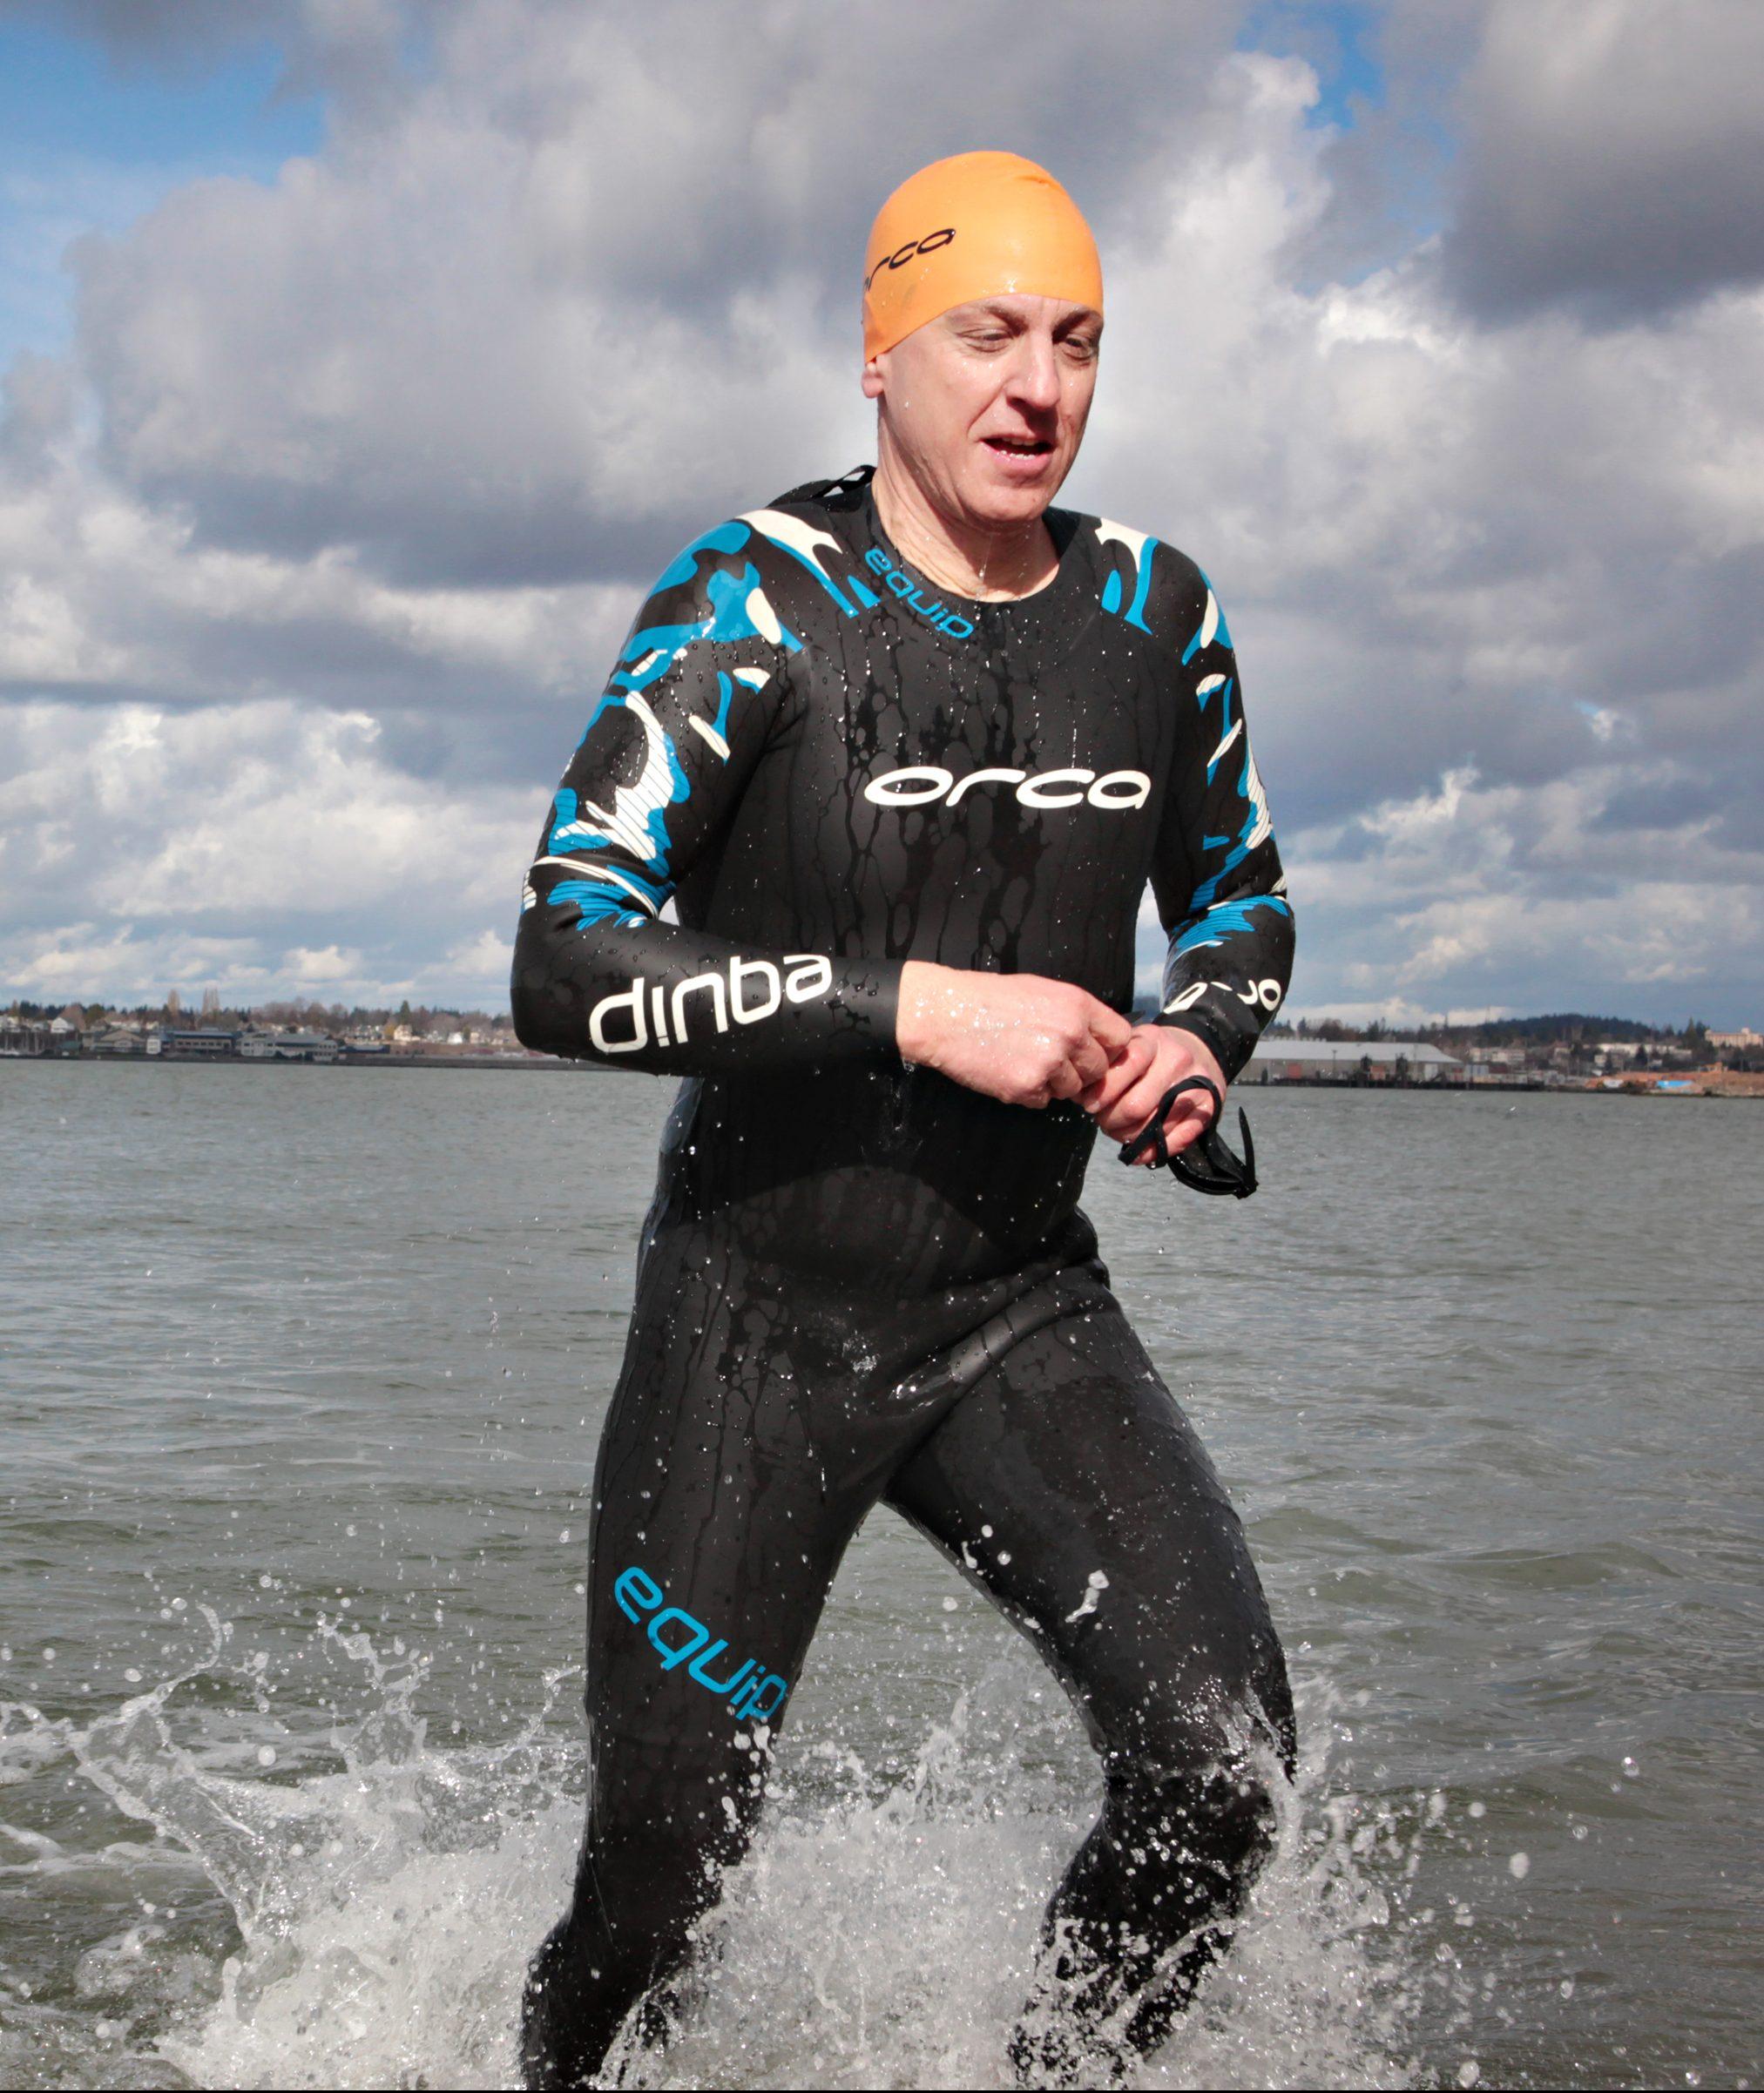 Trevor LeDain in the water in a wetsuit